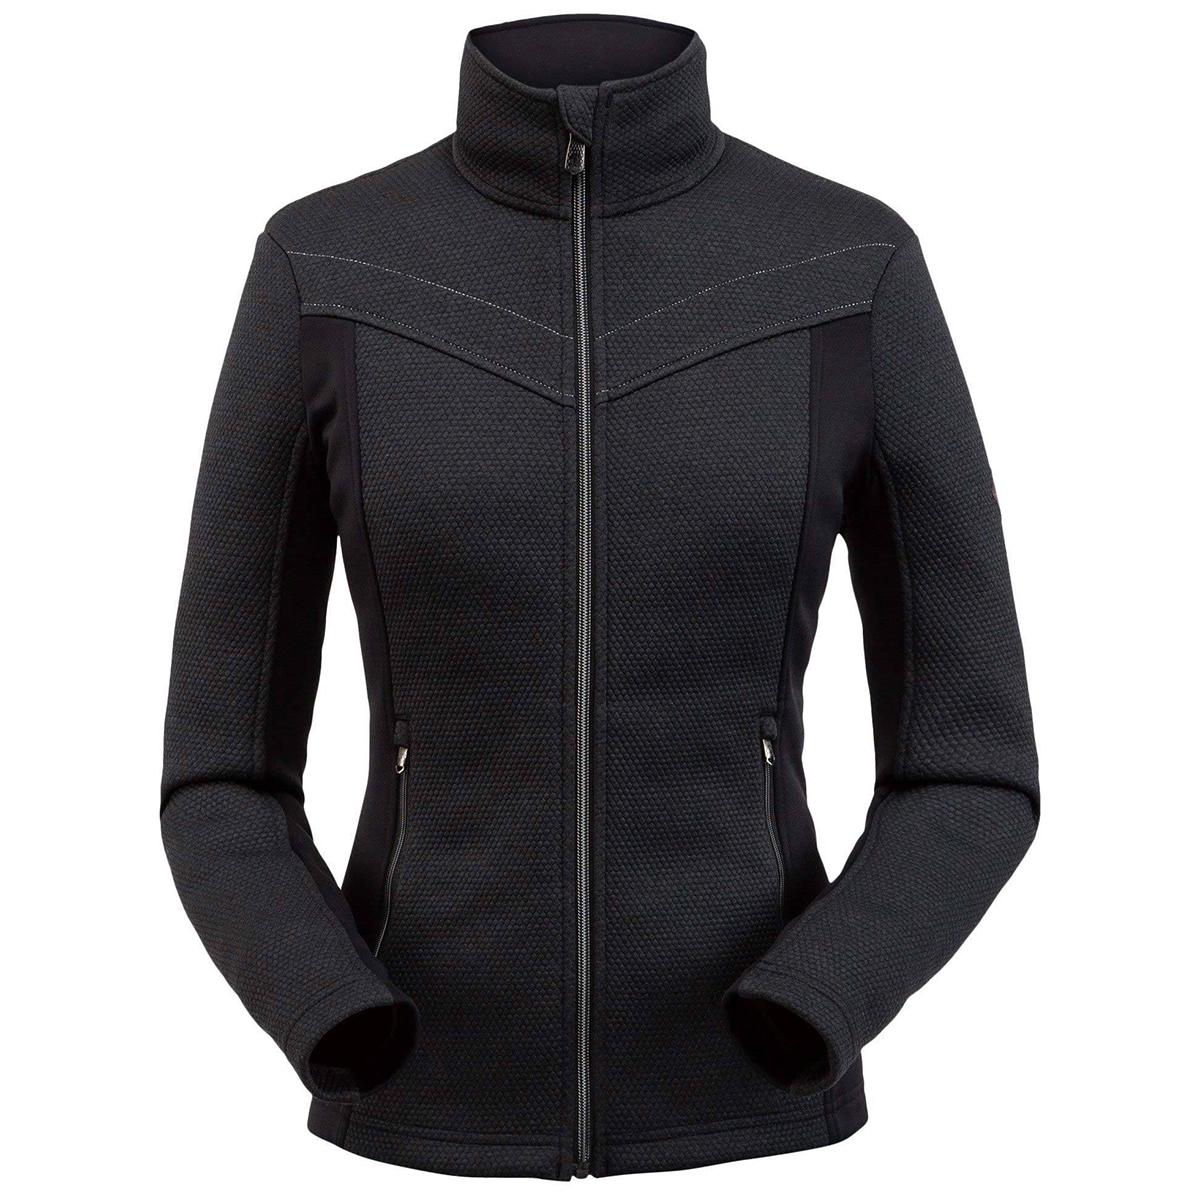 Spyder Women's Encore Full Zip Fleece Jacket - Black, XL